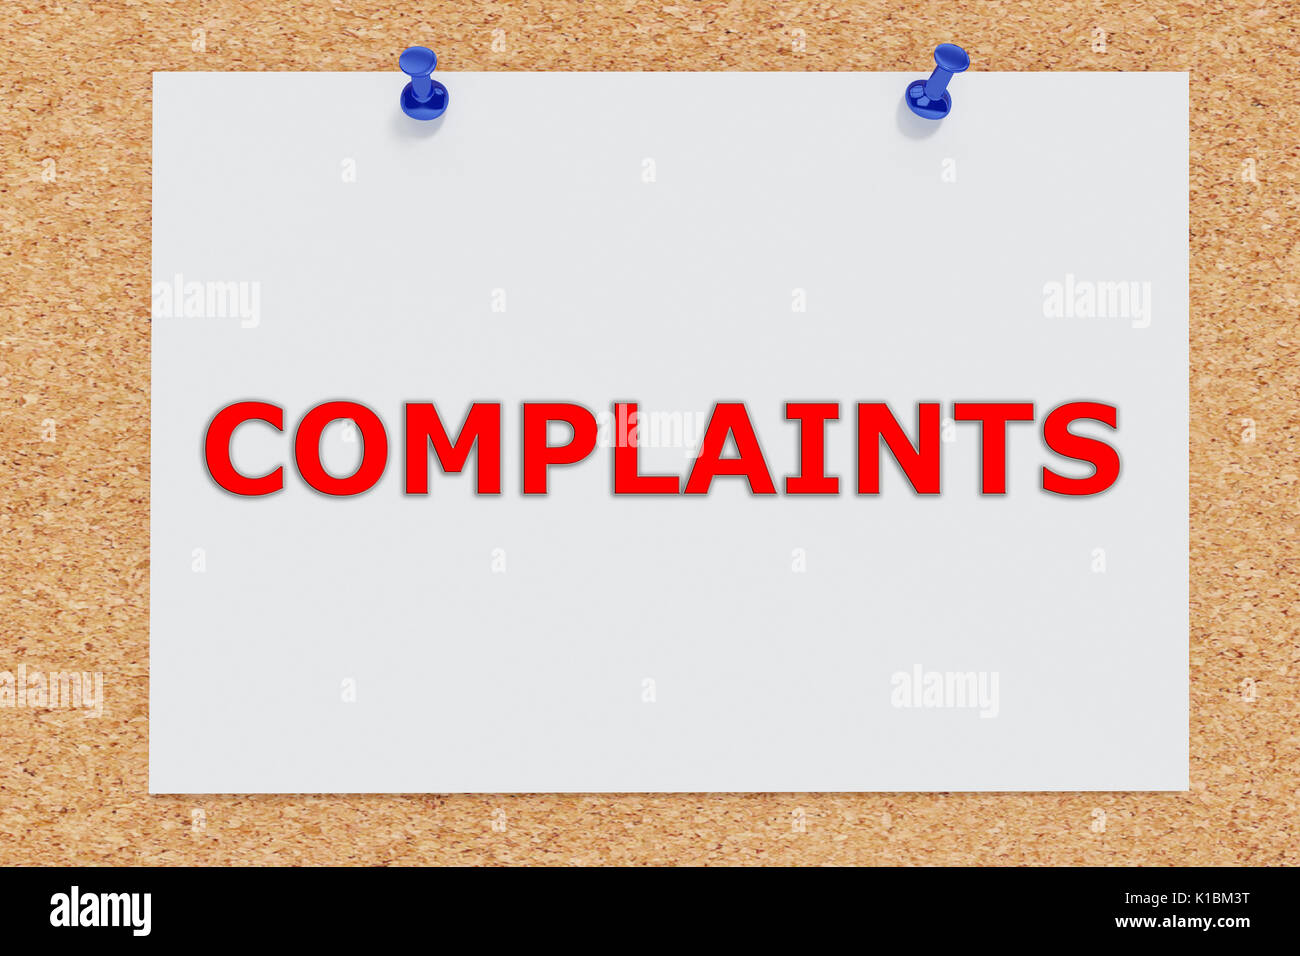 Render illustration of Complaints script on cork board - Stock Image